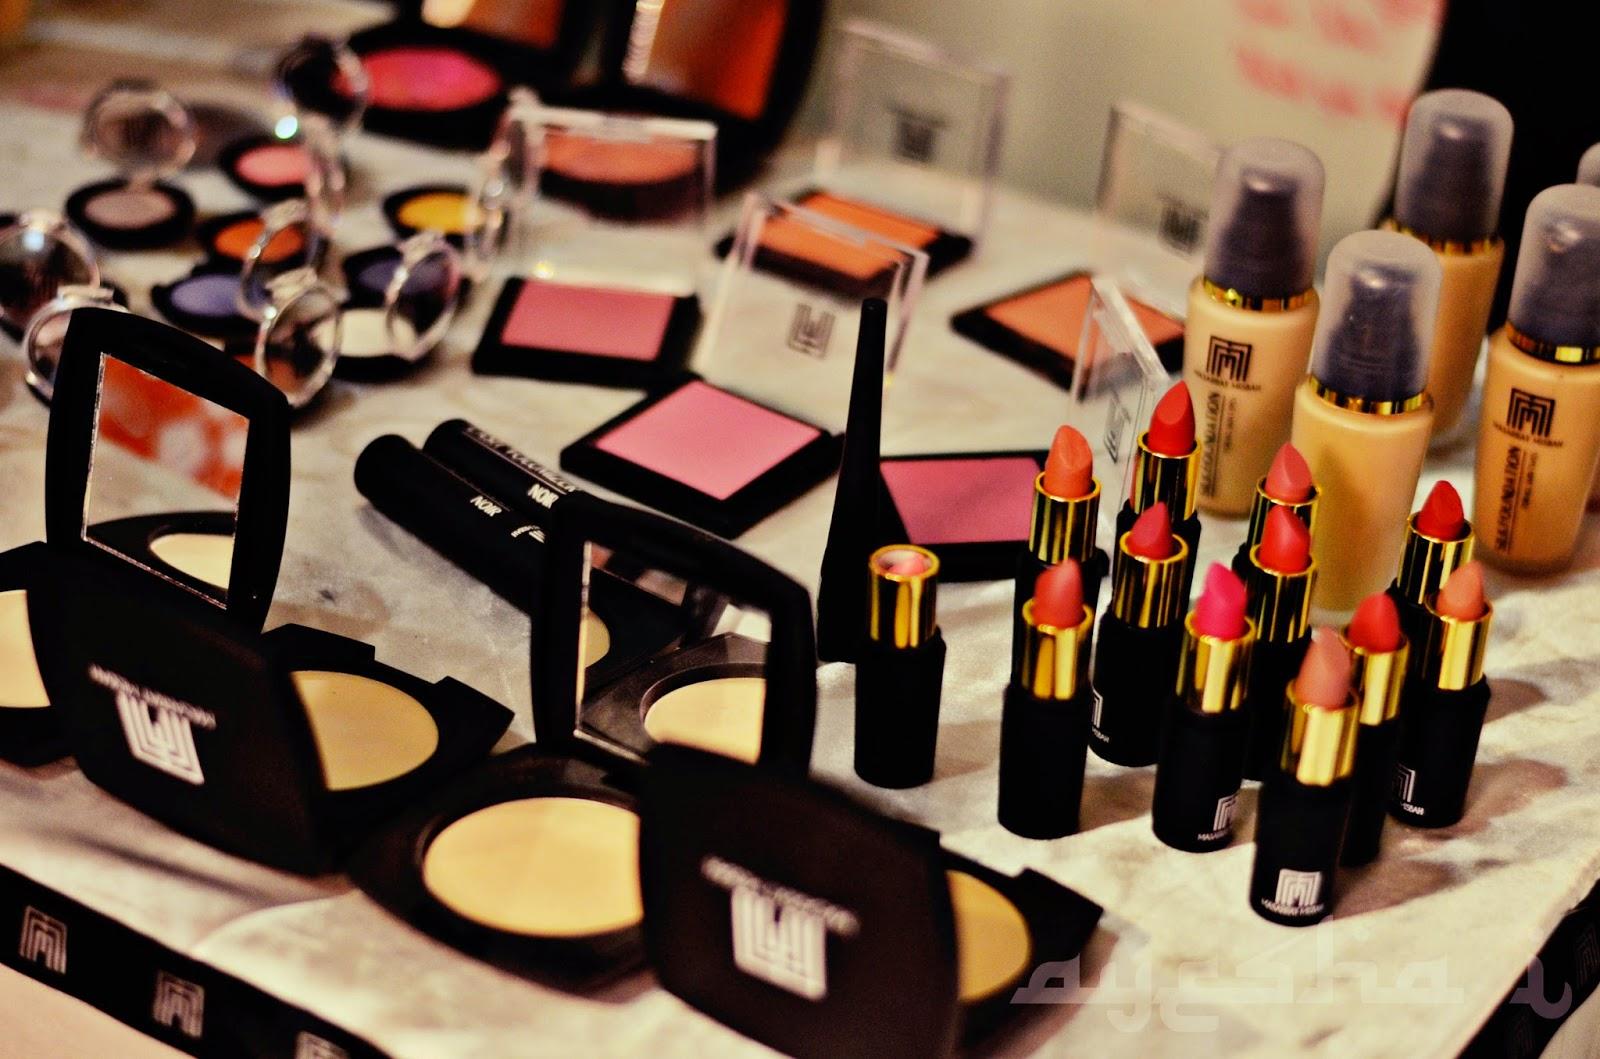 Masarrat Misbah Makeup